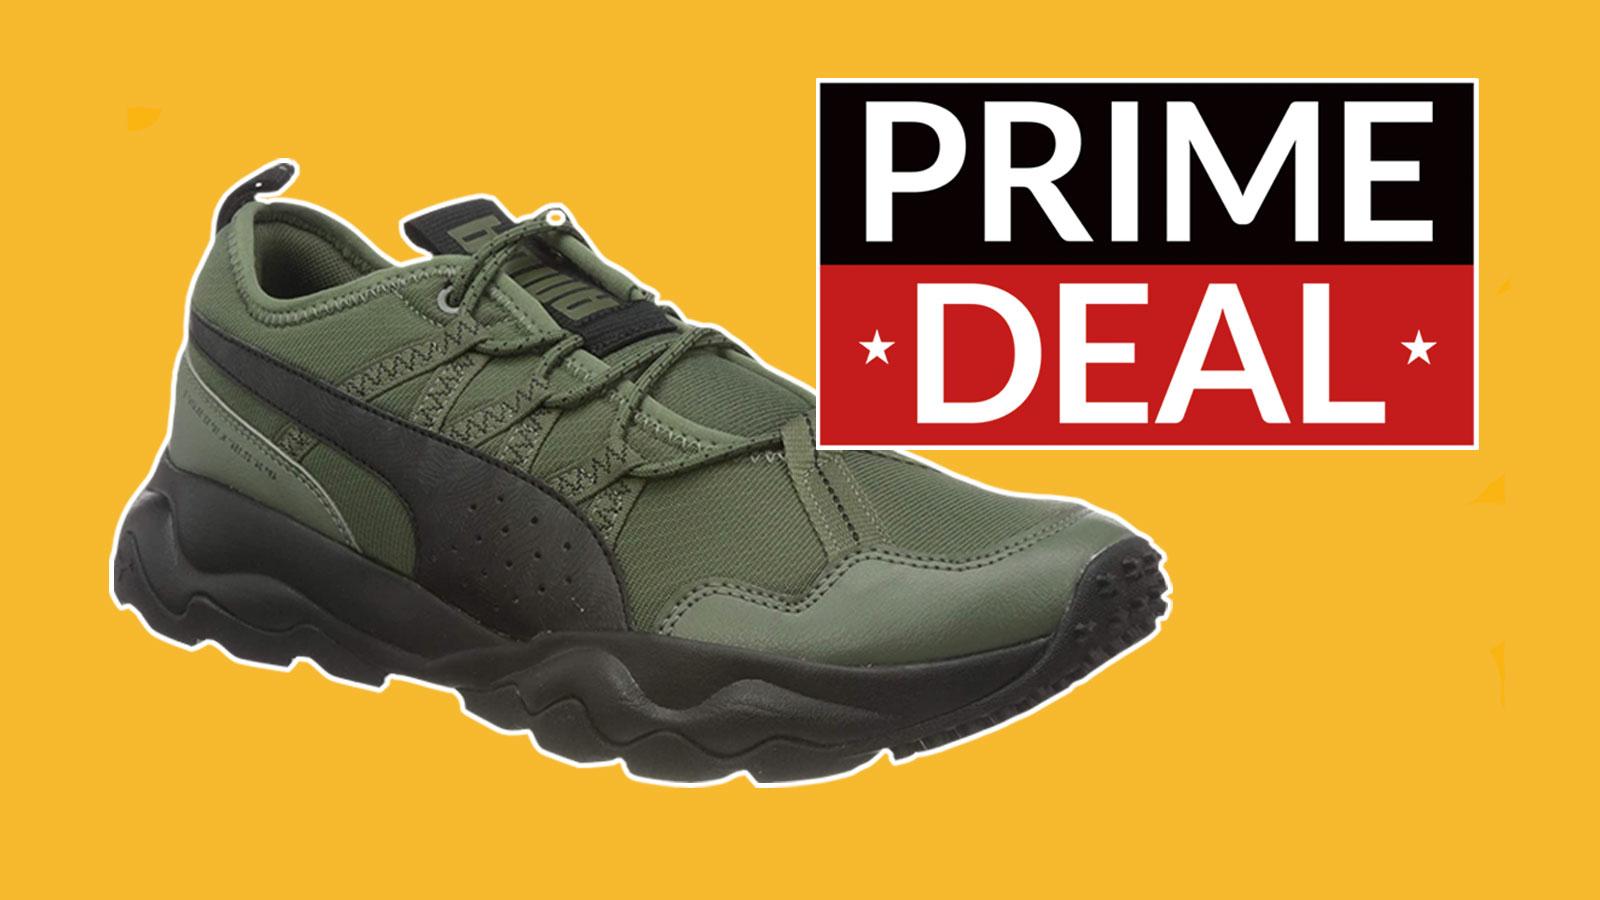 libbre Disparità Scacciare  3 best Amazon Prime Day trainers deals: up to 50% off men's New Balance,  PUMA & Under Armour | T3